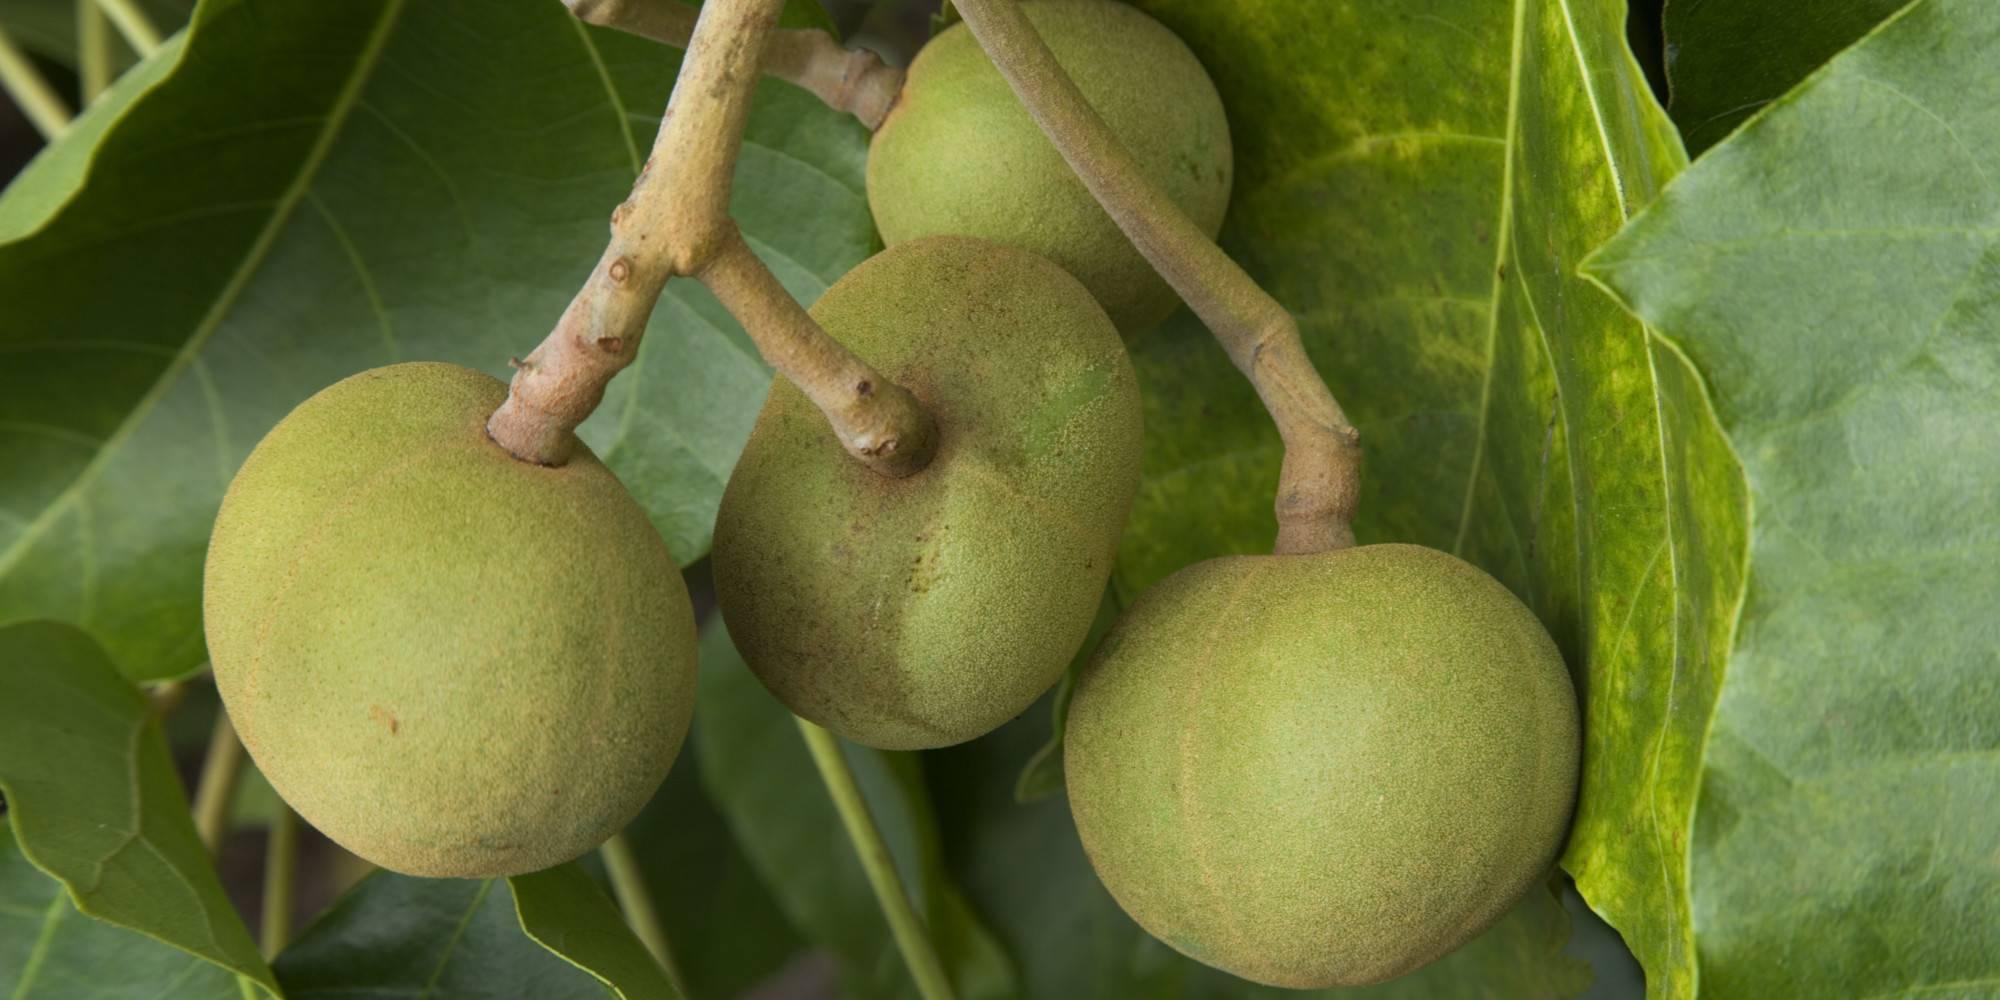 Орех кукуи: состав, свойства, польза, вред, применение, масло кукуи